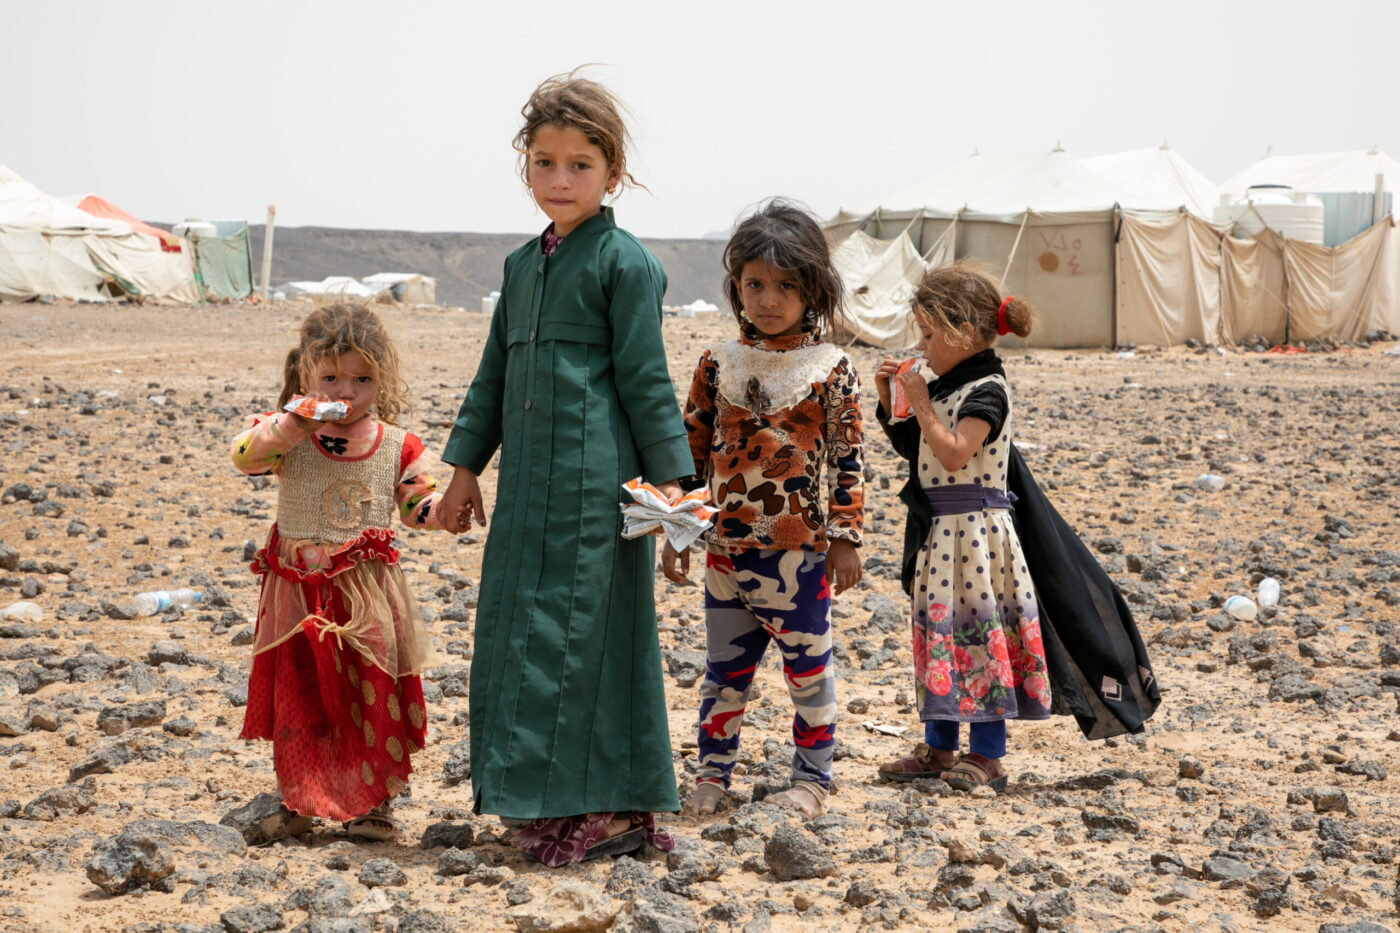 children standing in desert landscape